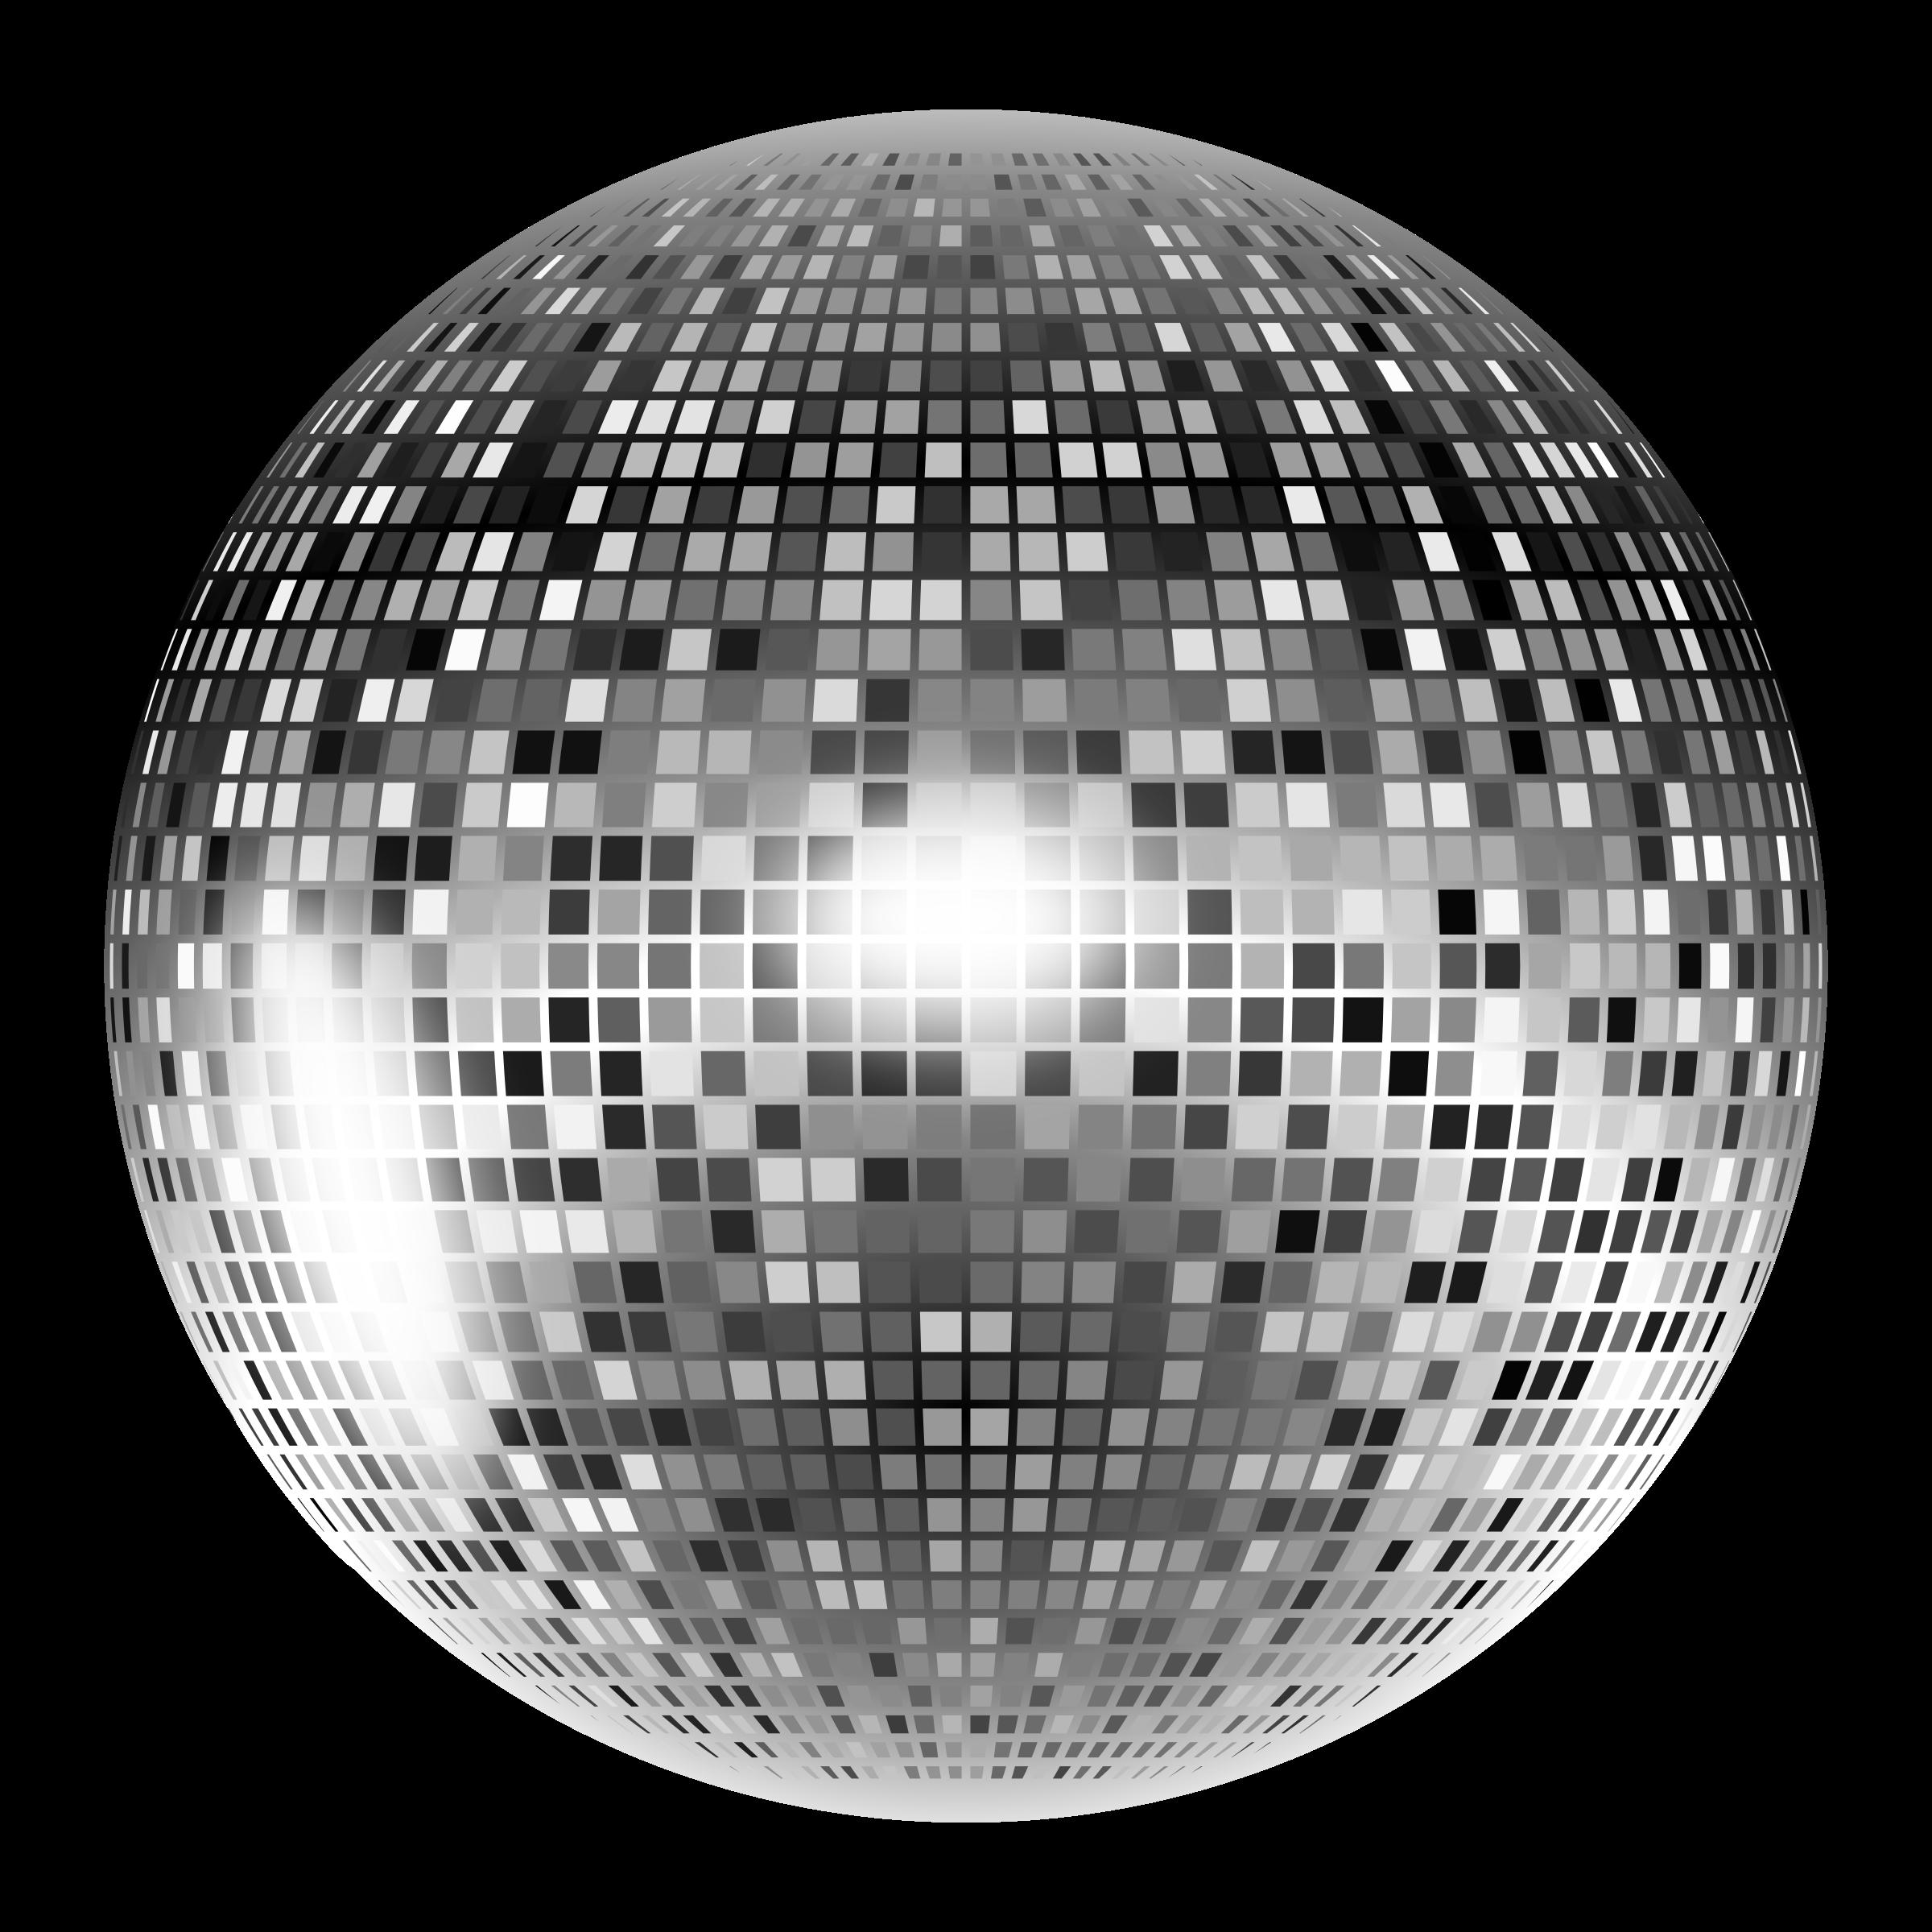 Disco ball light pinterest disco ball and lights - Boule a facette ...